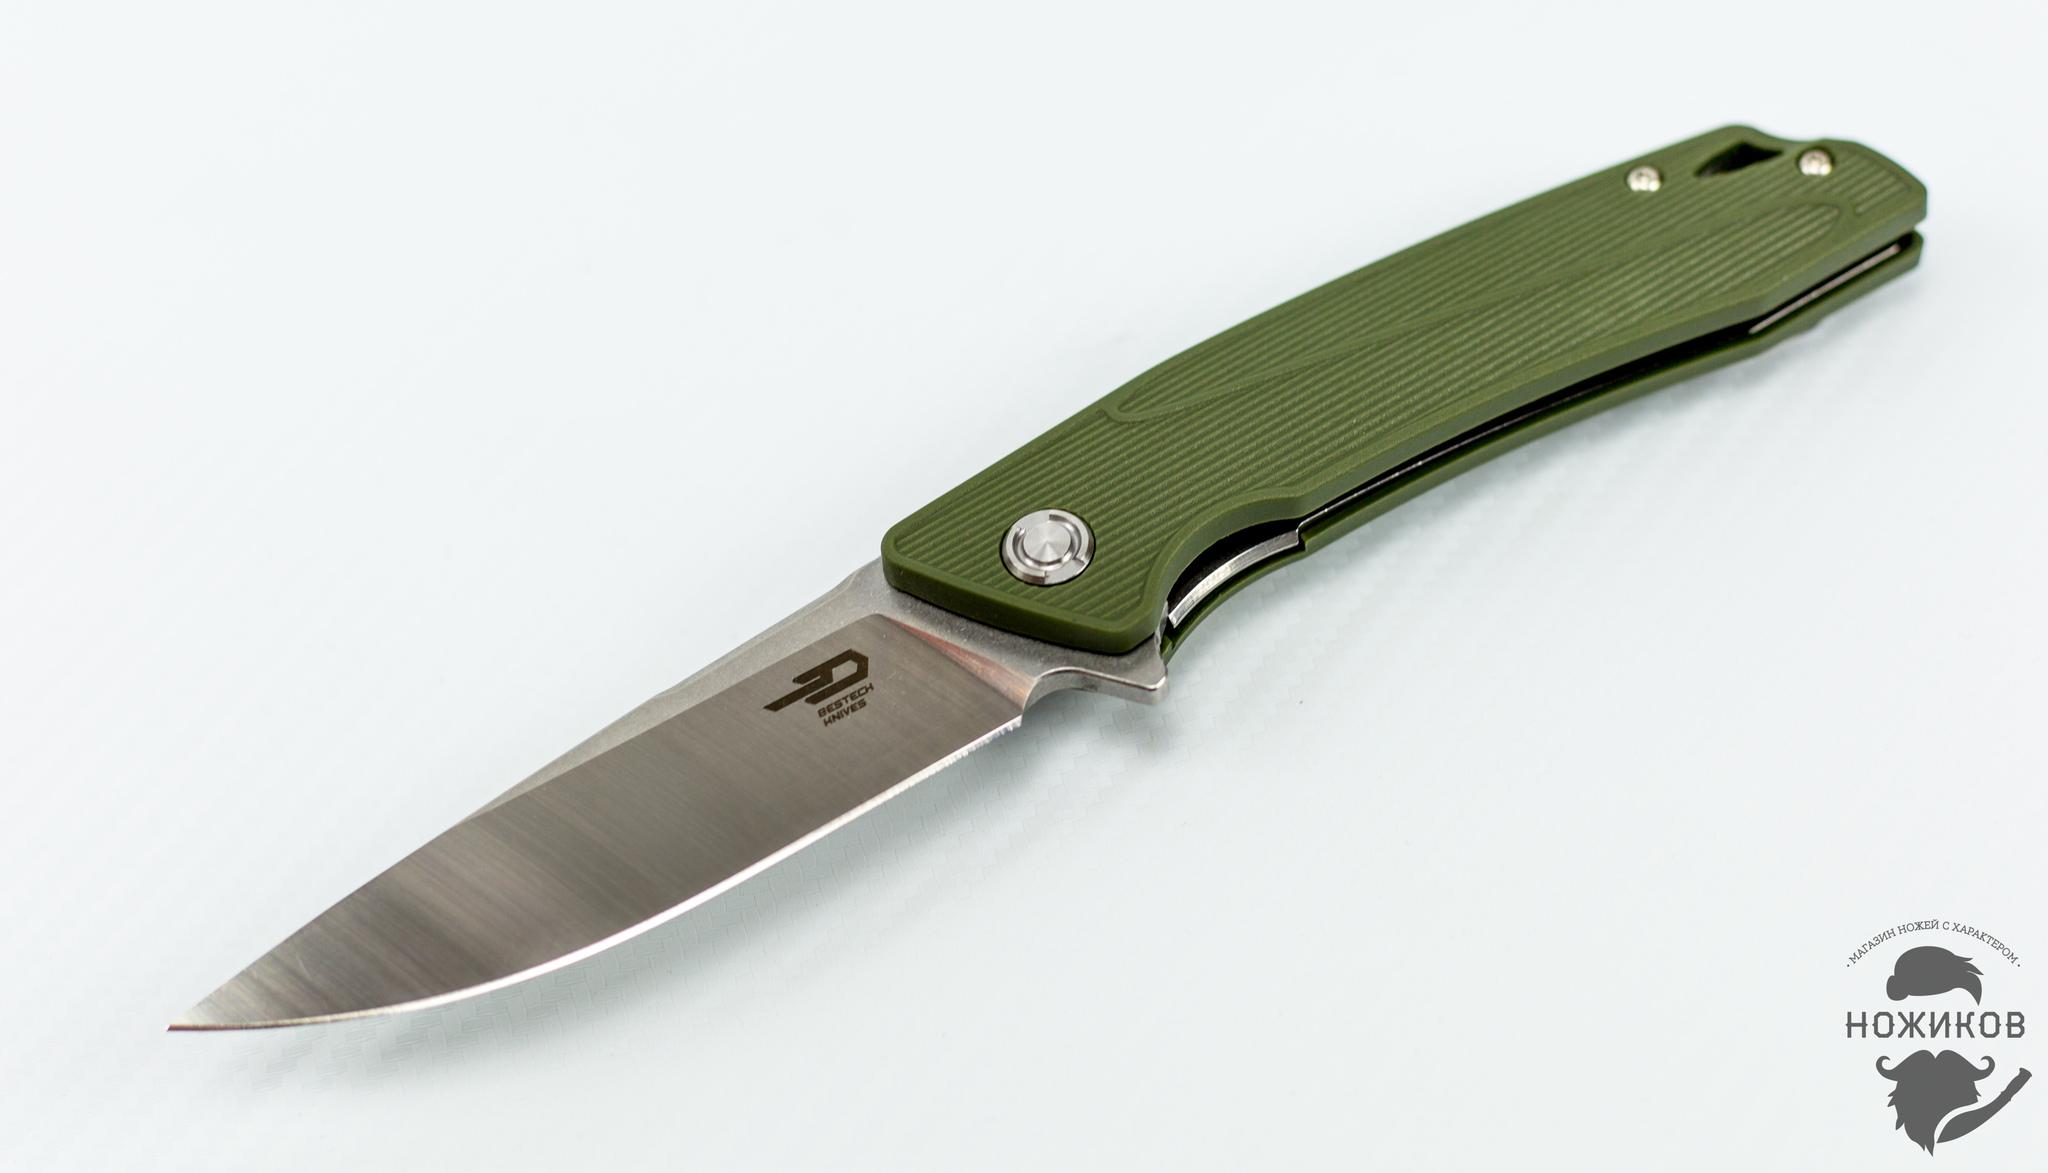 Фото 4 - Складной нож Bestech Spike BG09B-2, сталь Sandvik 12C27 от Bestech Knives